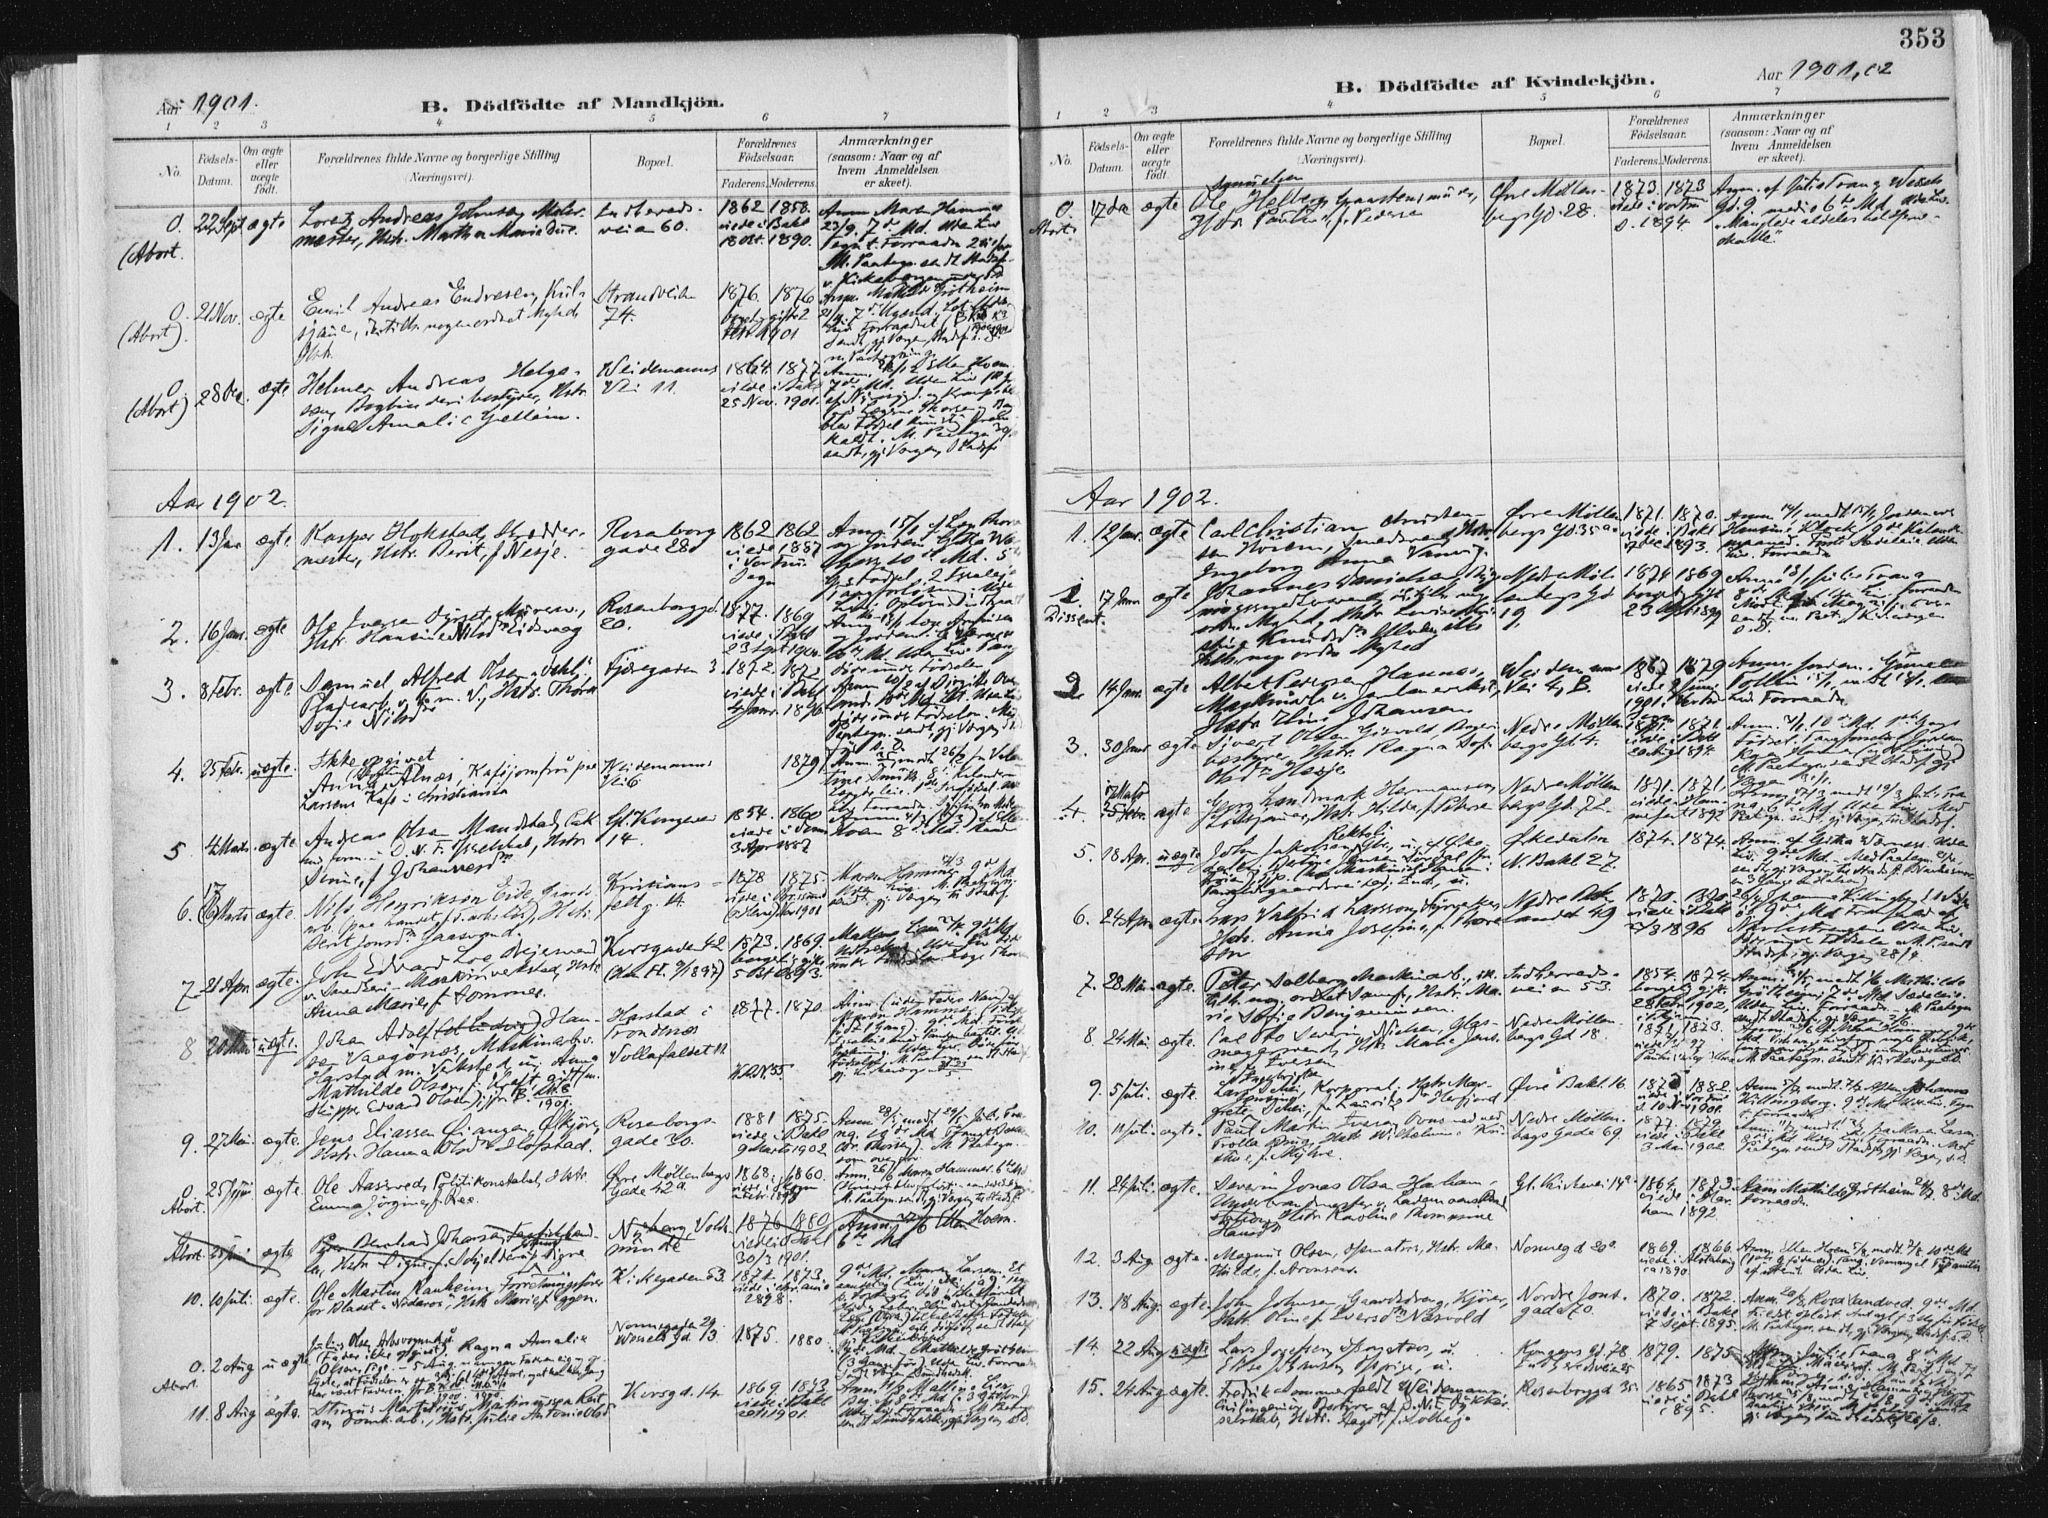 SAT, Ministerialprotokoller, klokkerbøker og fødselsregistre - Sør-Trøndelag, 604/L0200: Ministerialbok nr. 604A20II, 1901-1908, s. 353